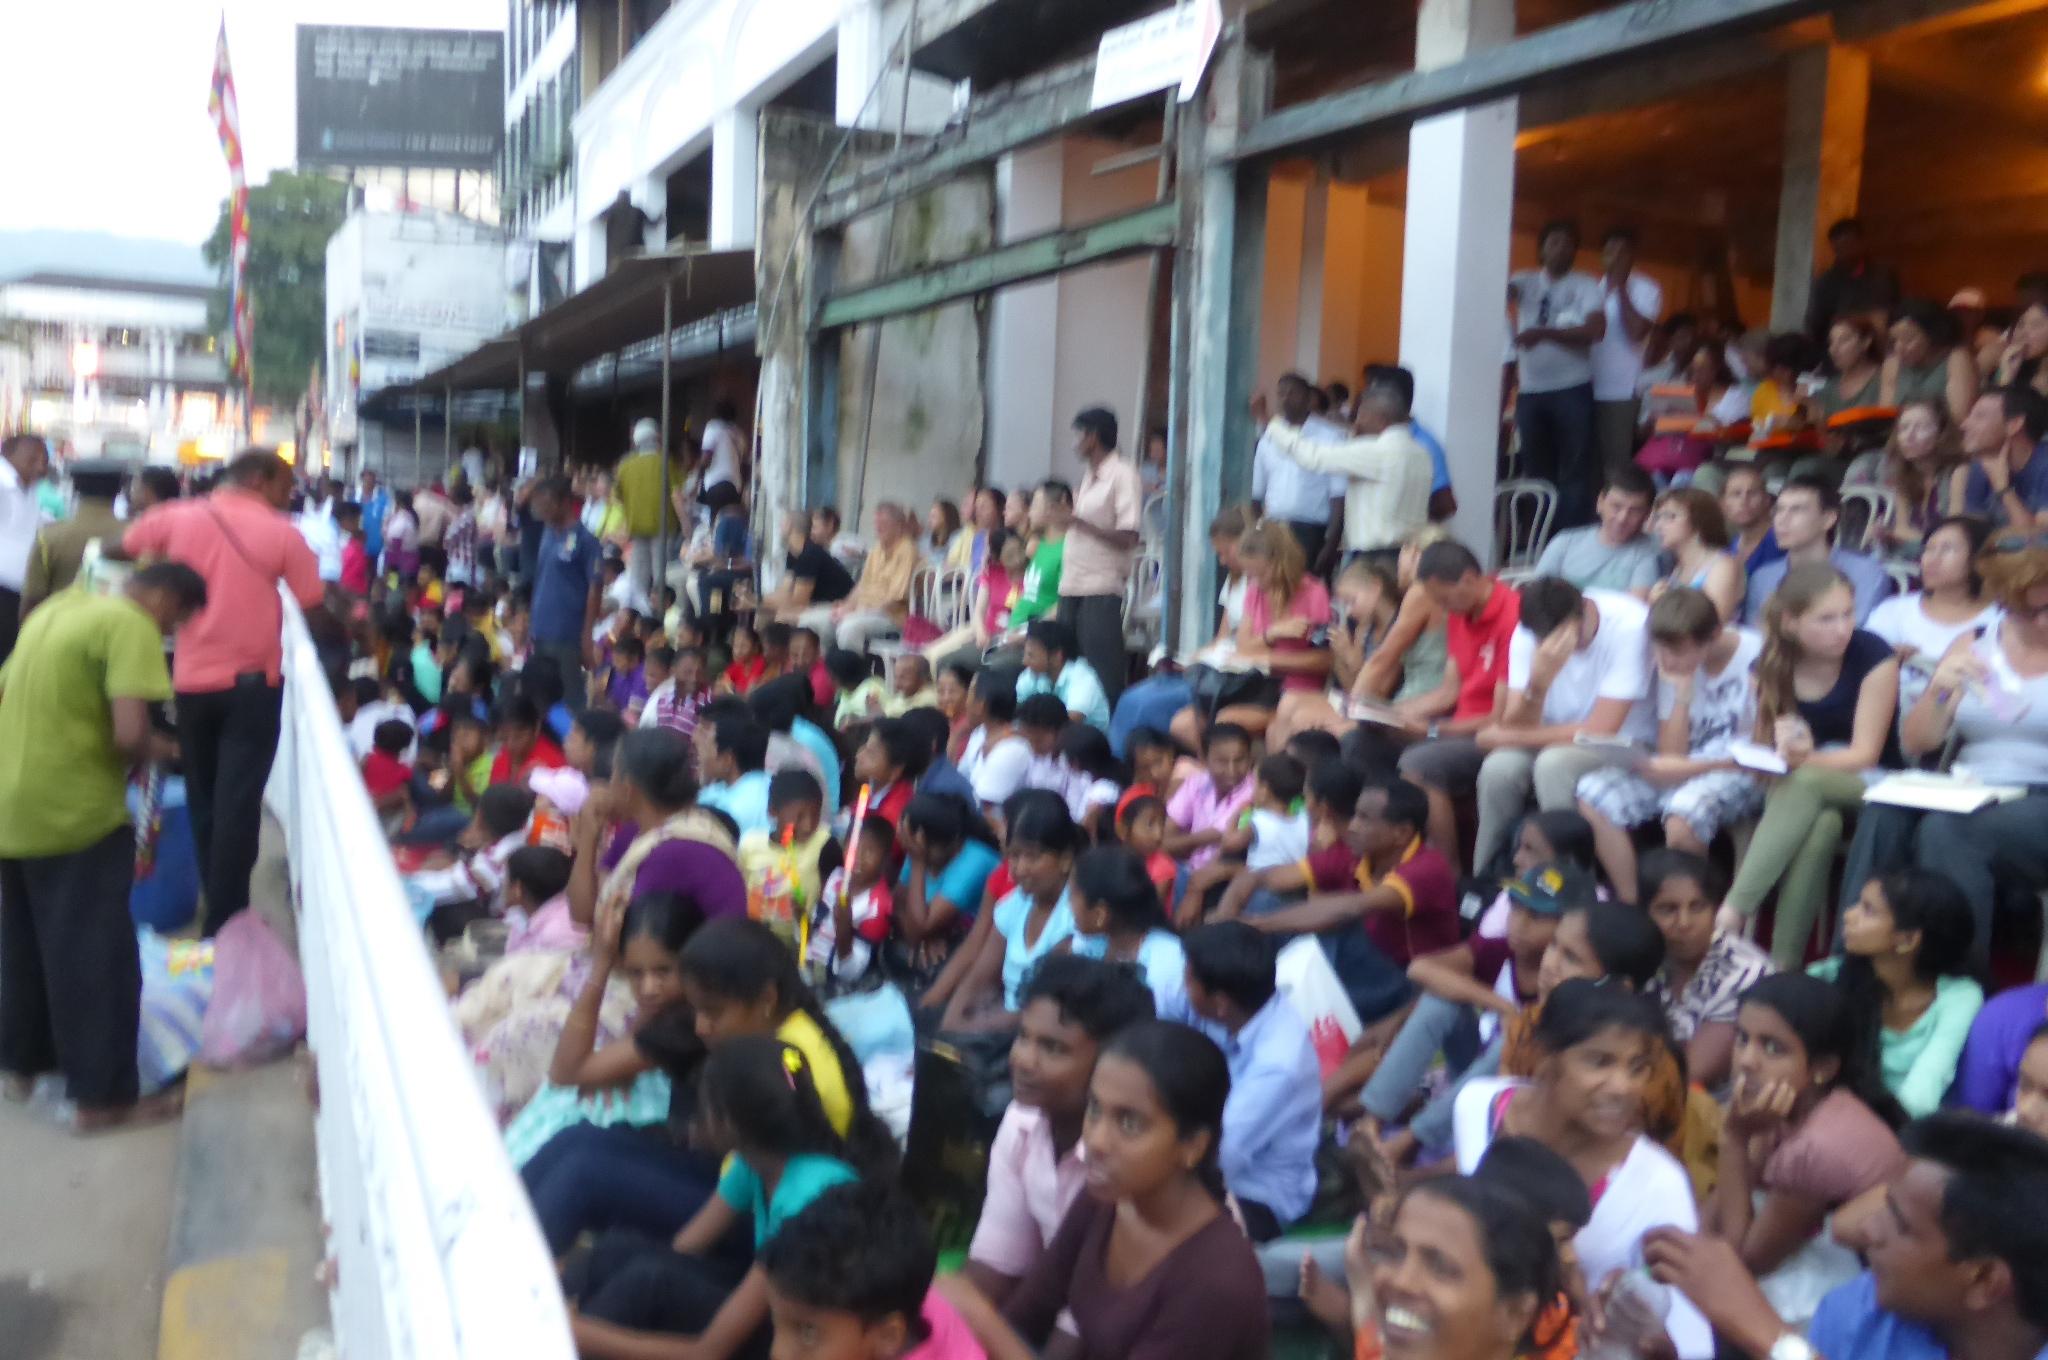 ペラヘラ祭り観客席